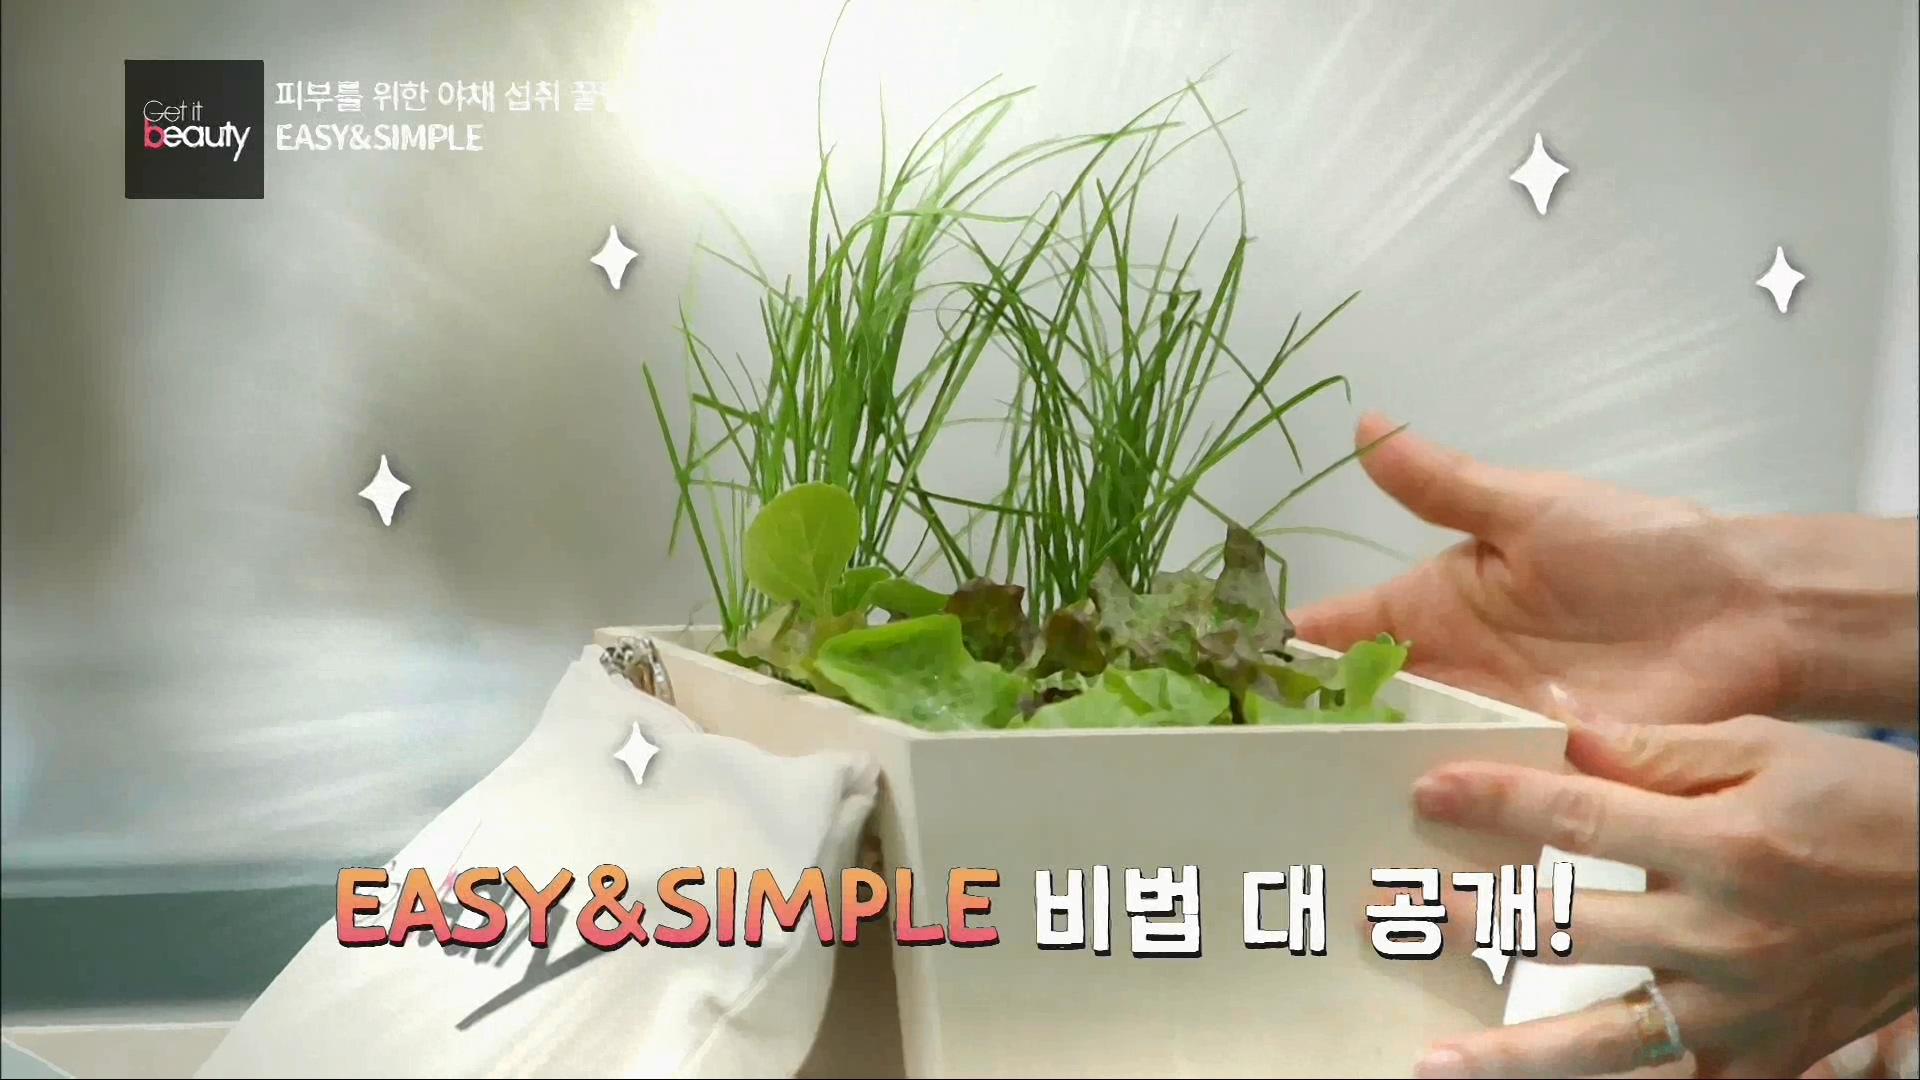 야채 섭취 EASY & SIMPLE 비법을 공개해 드릴게요